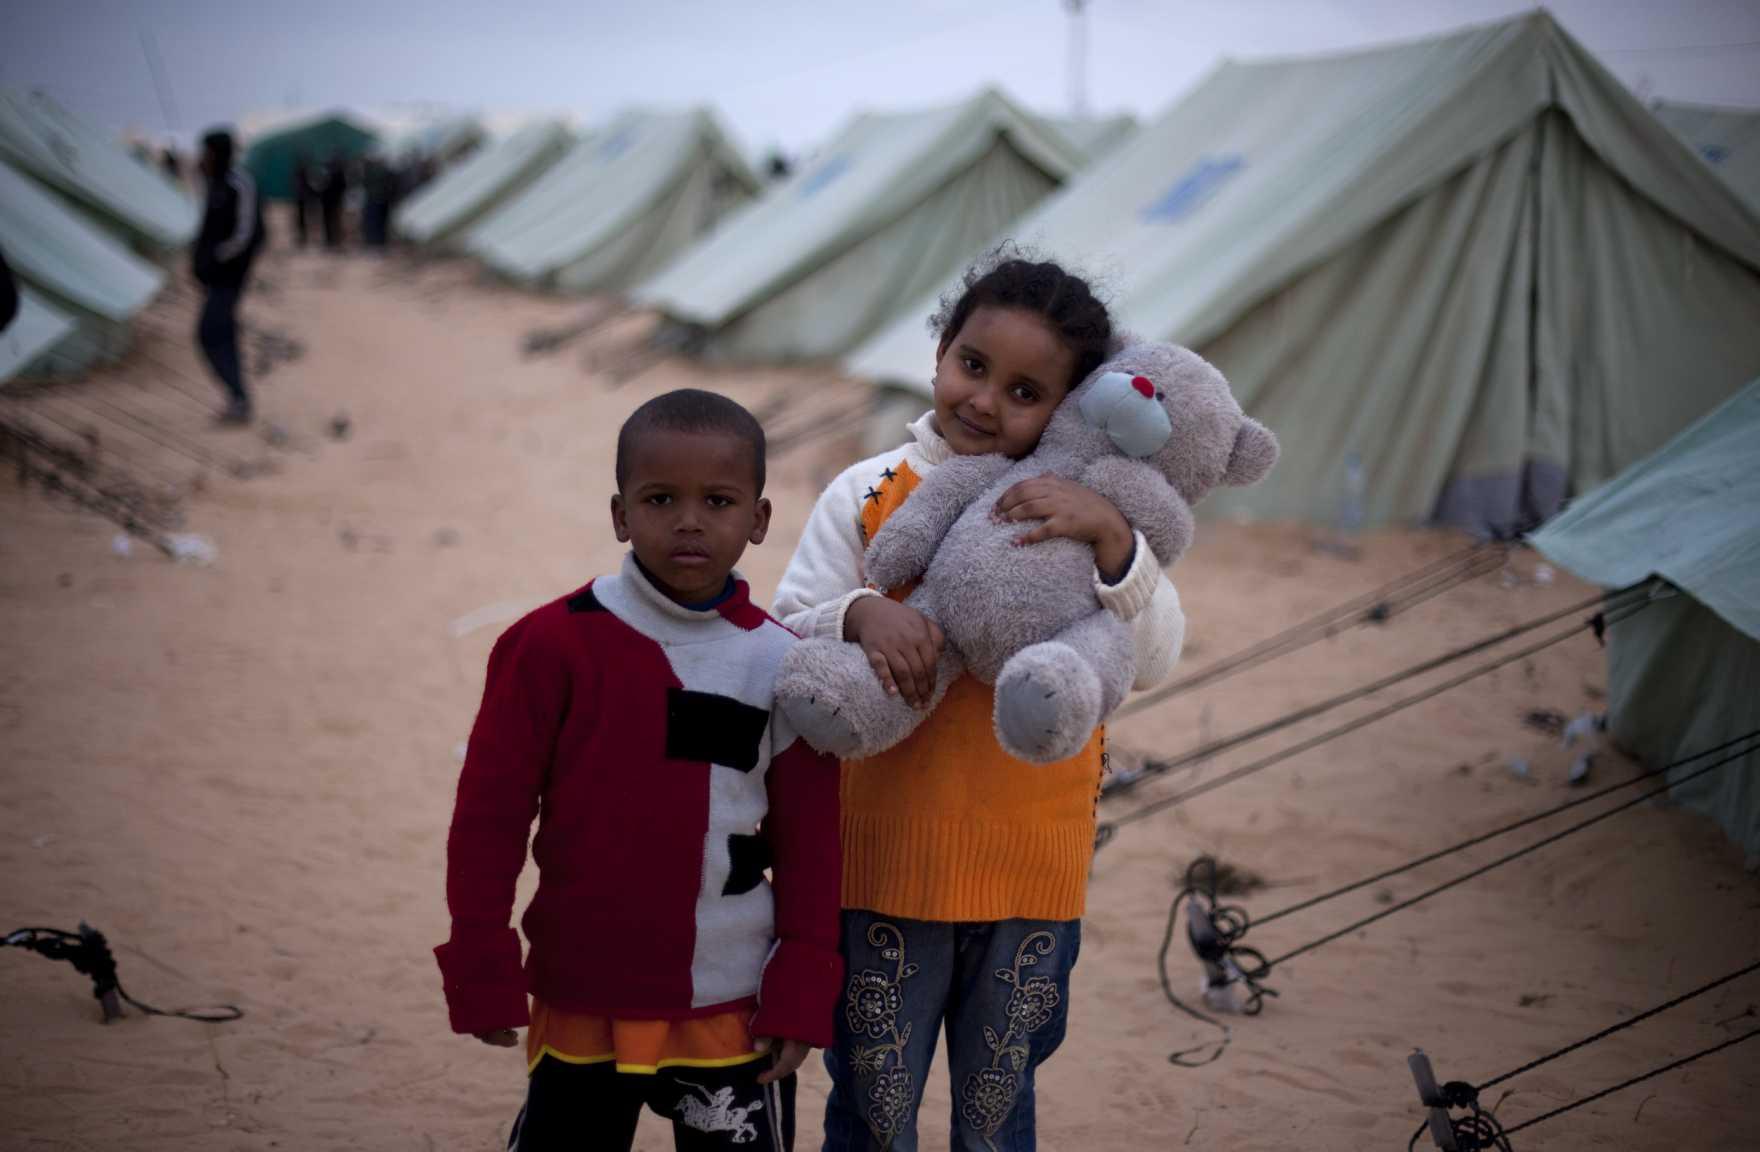 Två barn står utanför några tält i ett flyktingläger på gränsen mellan Tunisien och Libyen. En flicka håller en nallebjörn i famnen.